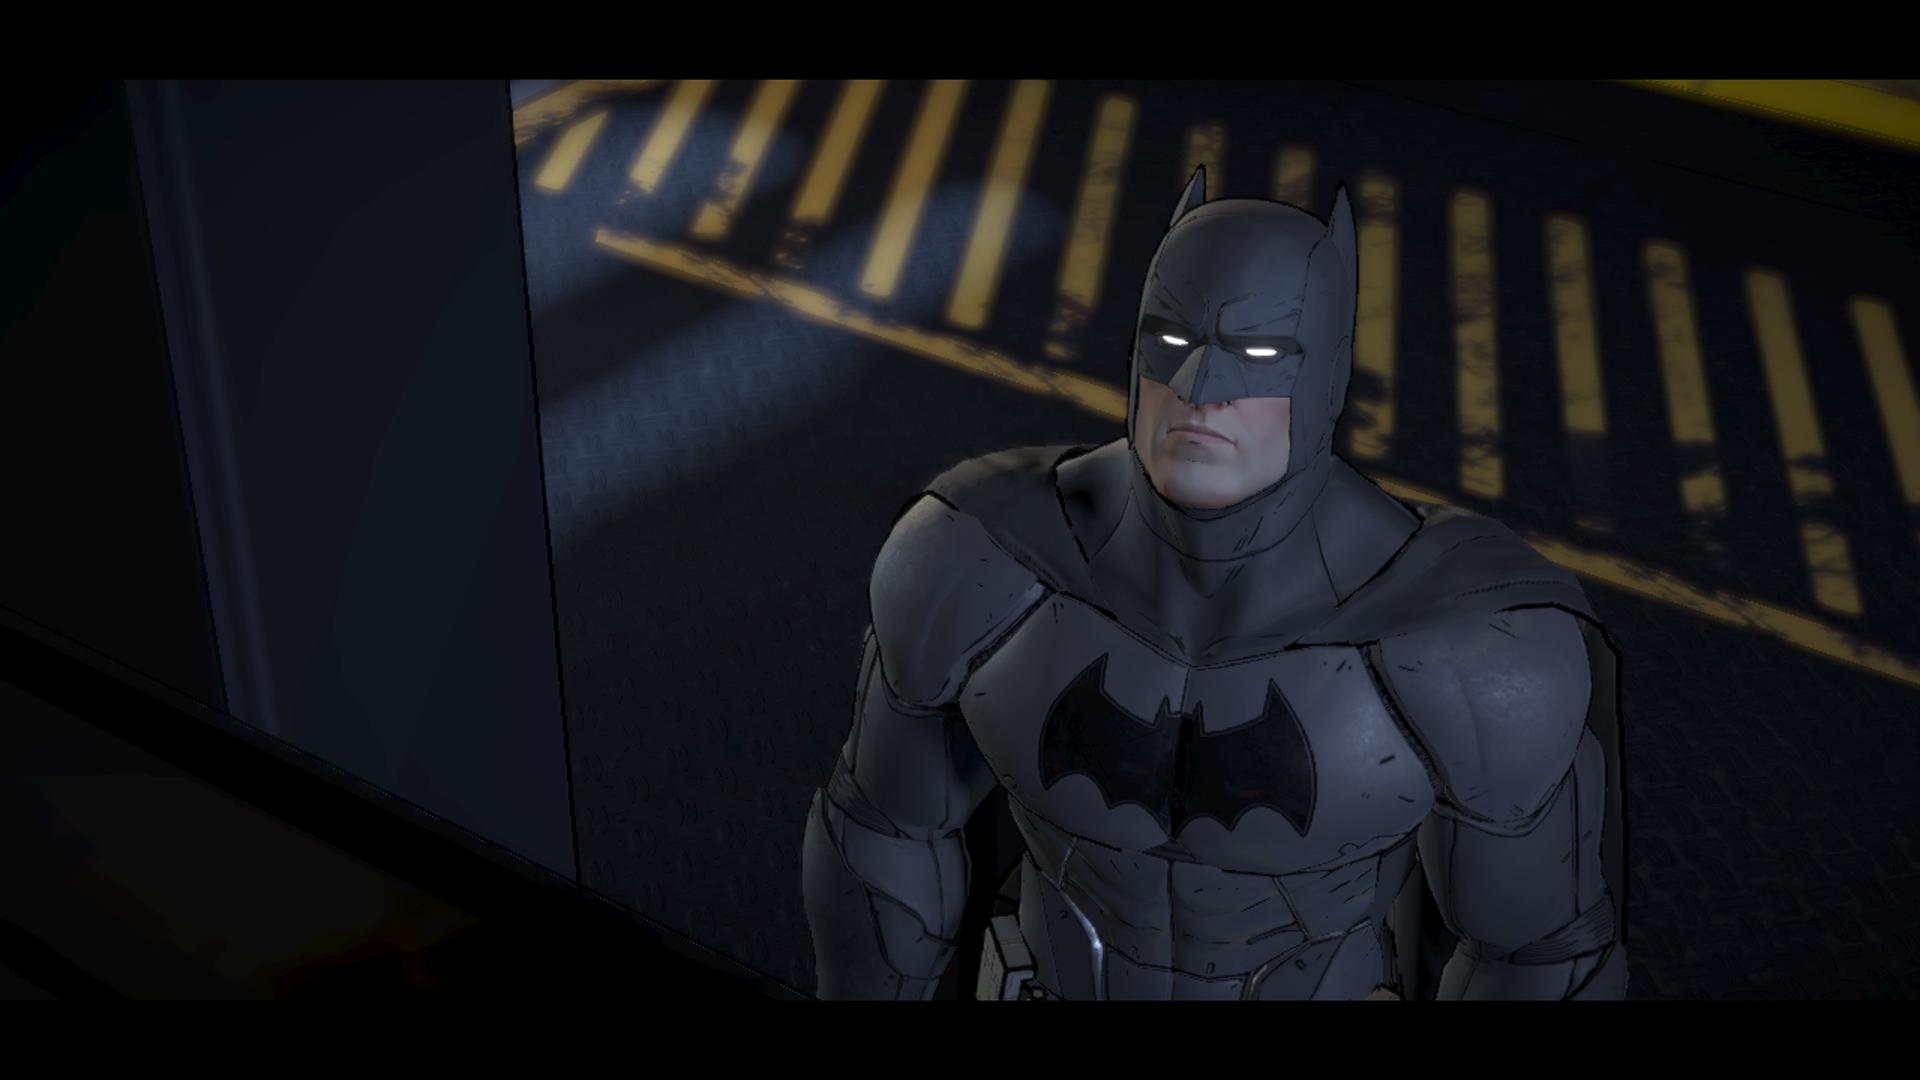 TT Batman Ep 3 Review Image 2